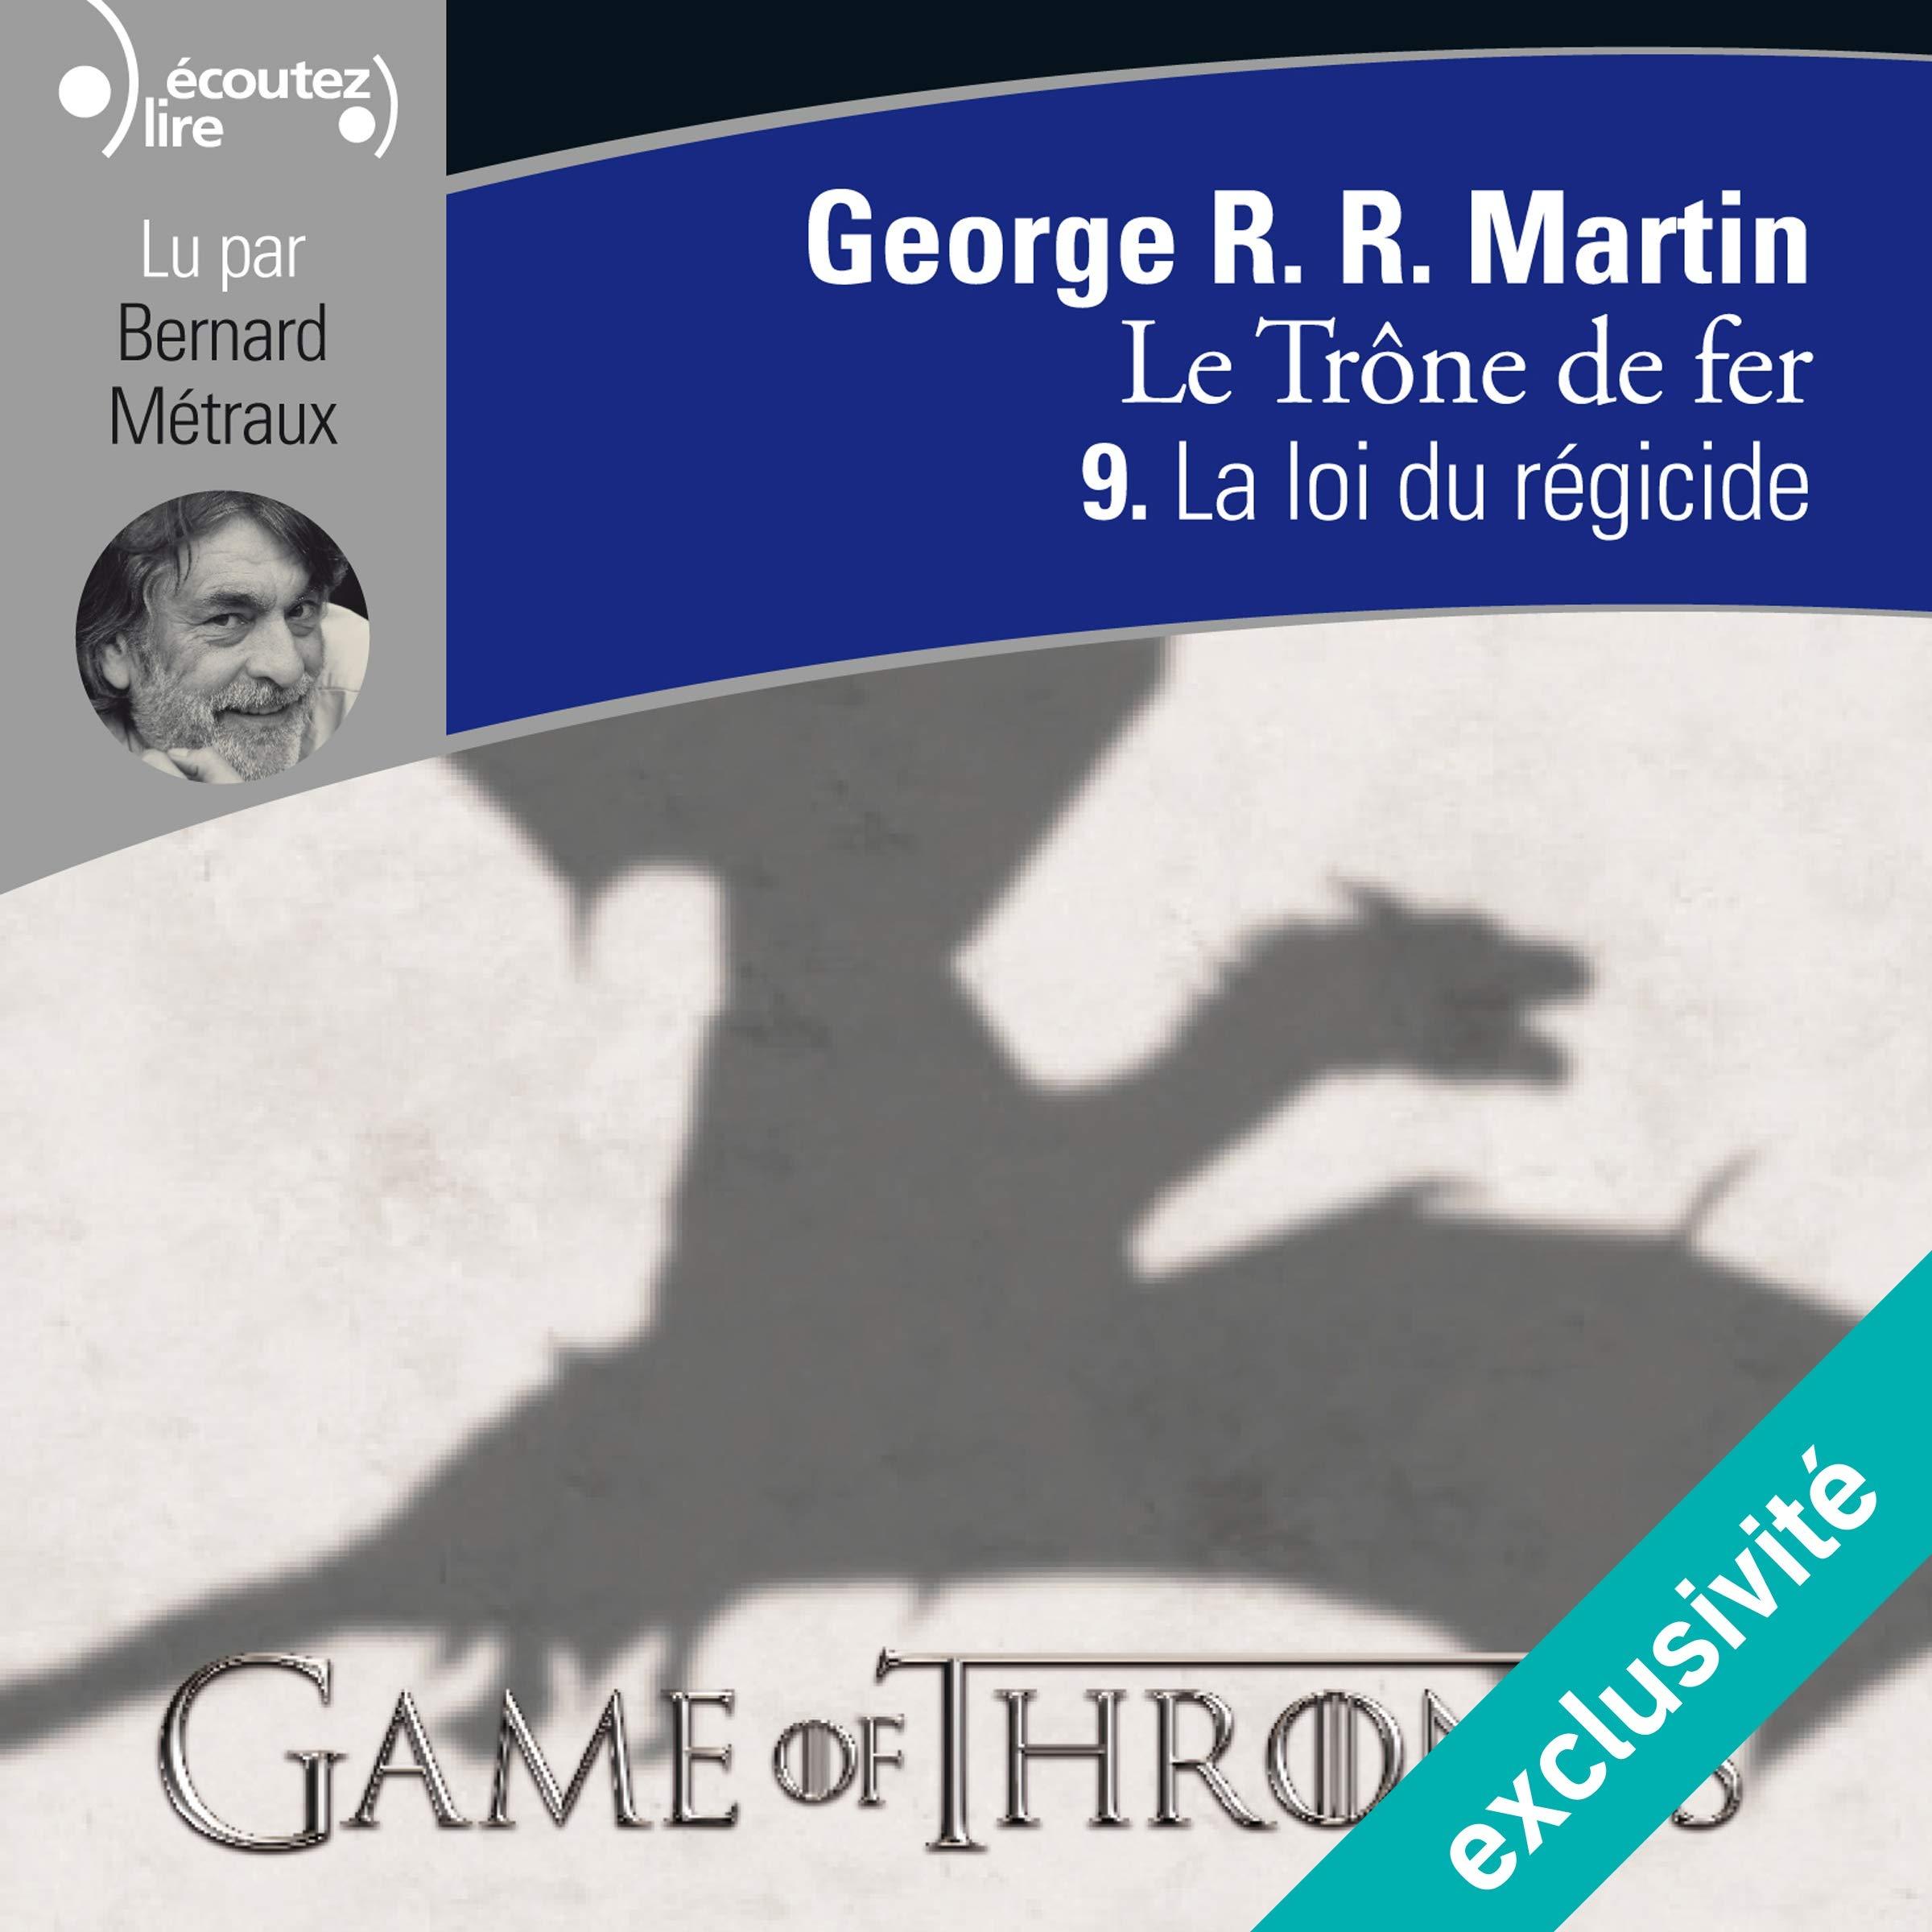 La loi du régicide (Le trône de fer 9), de George R. R. Martin